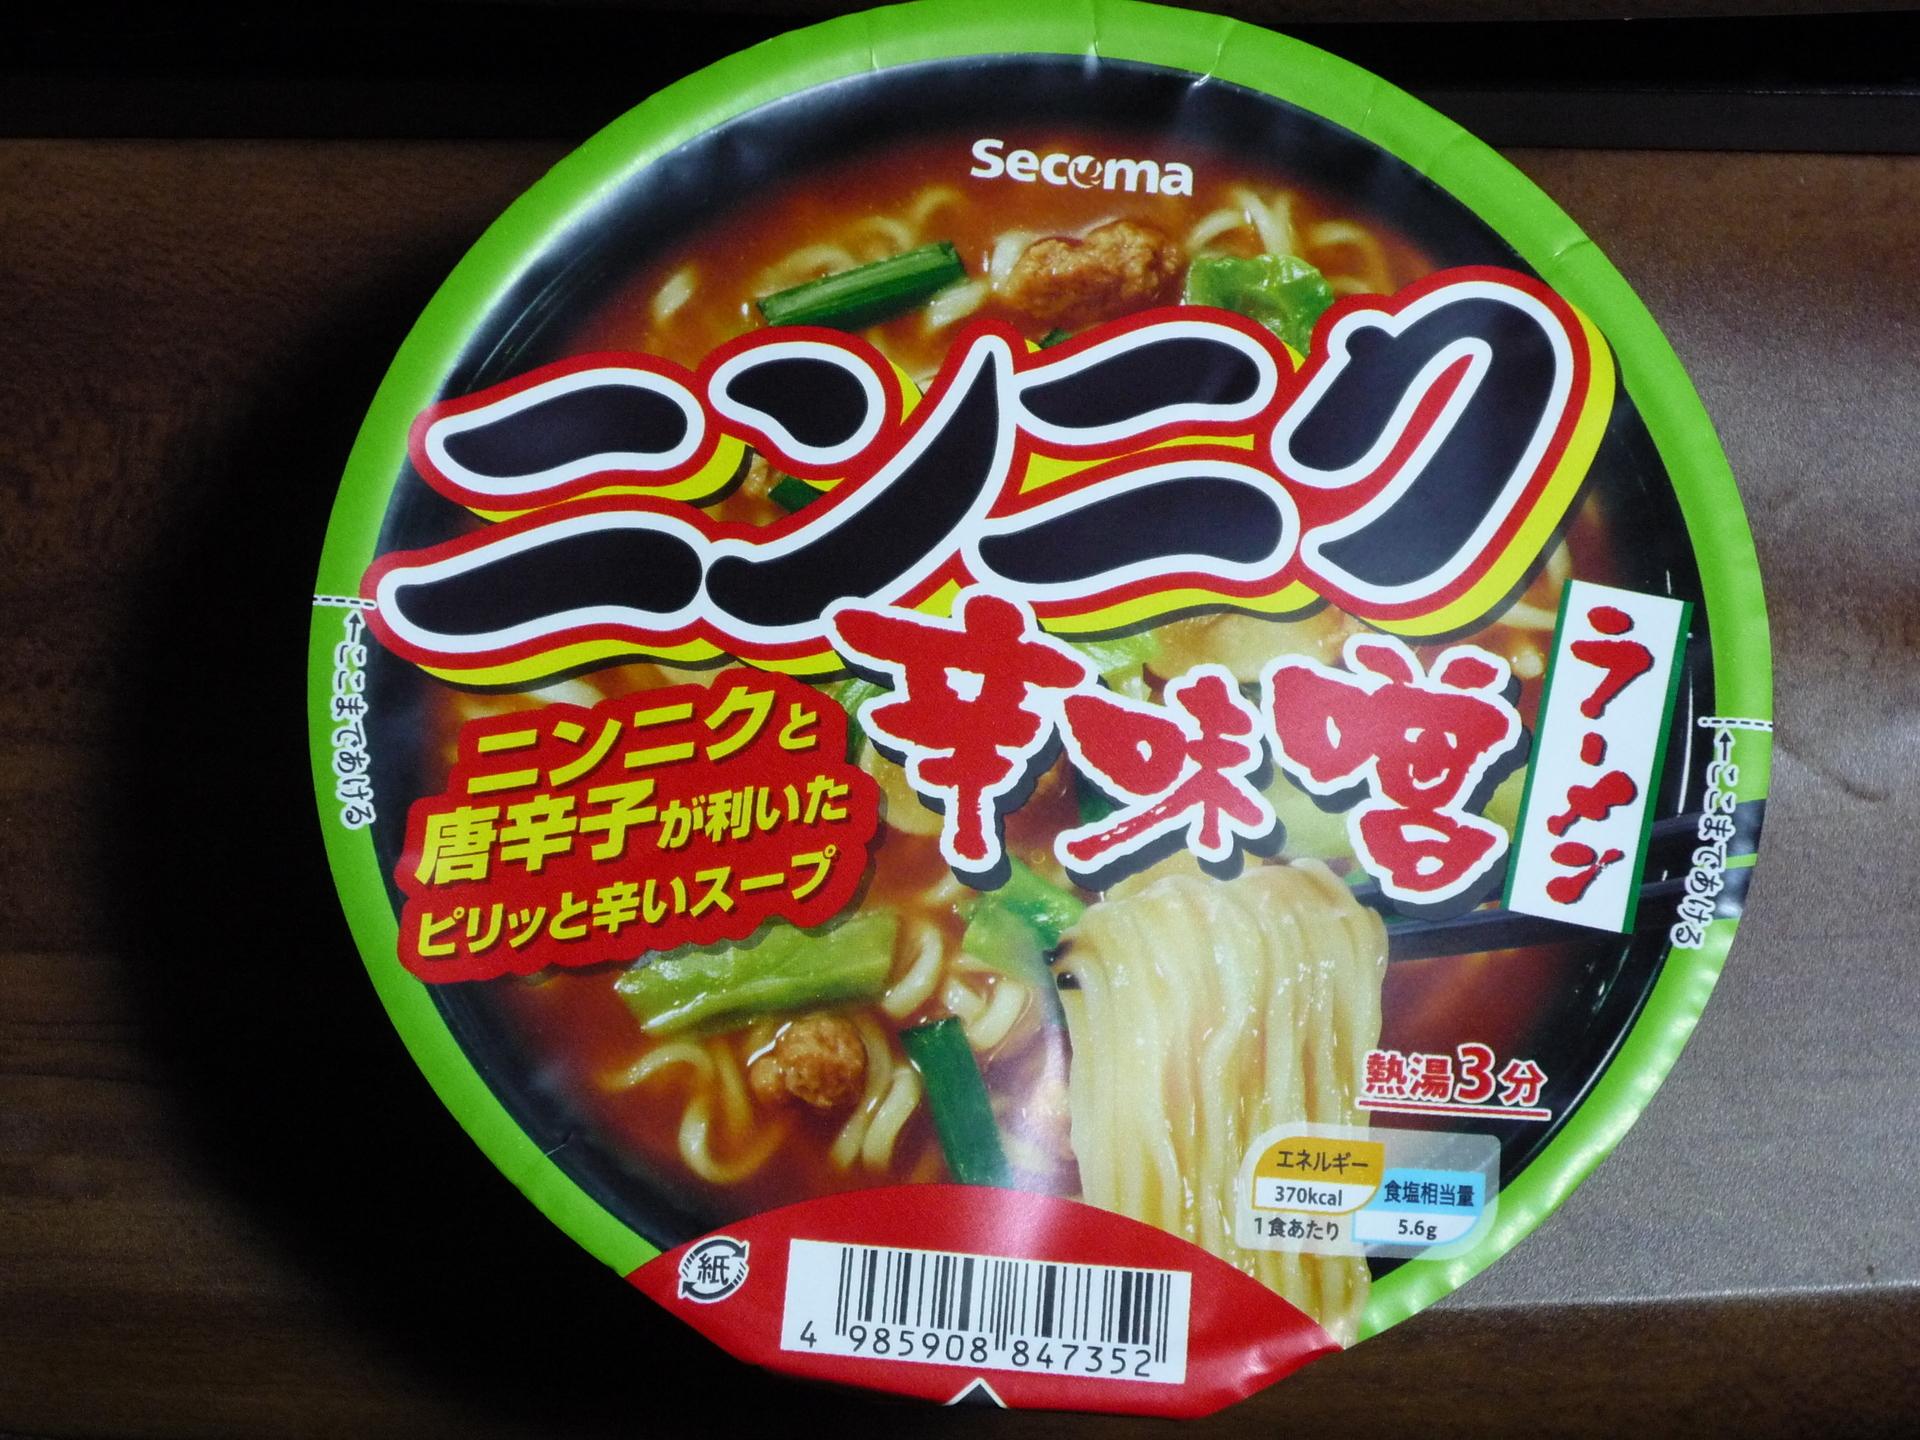 セコマ ニンニク辛味噌ラーメン